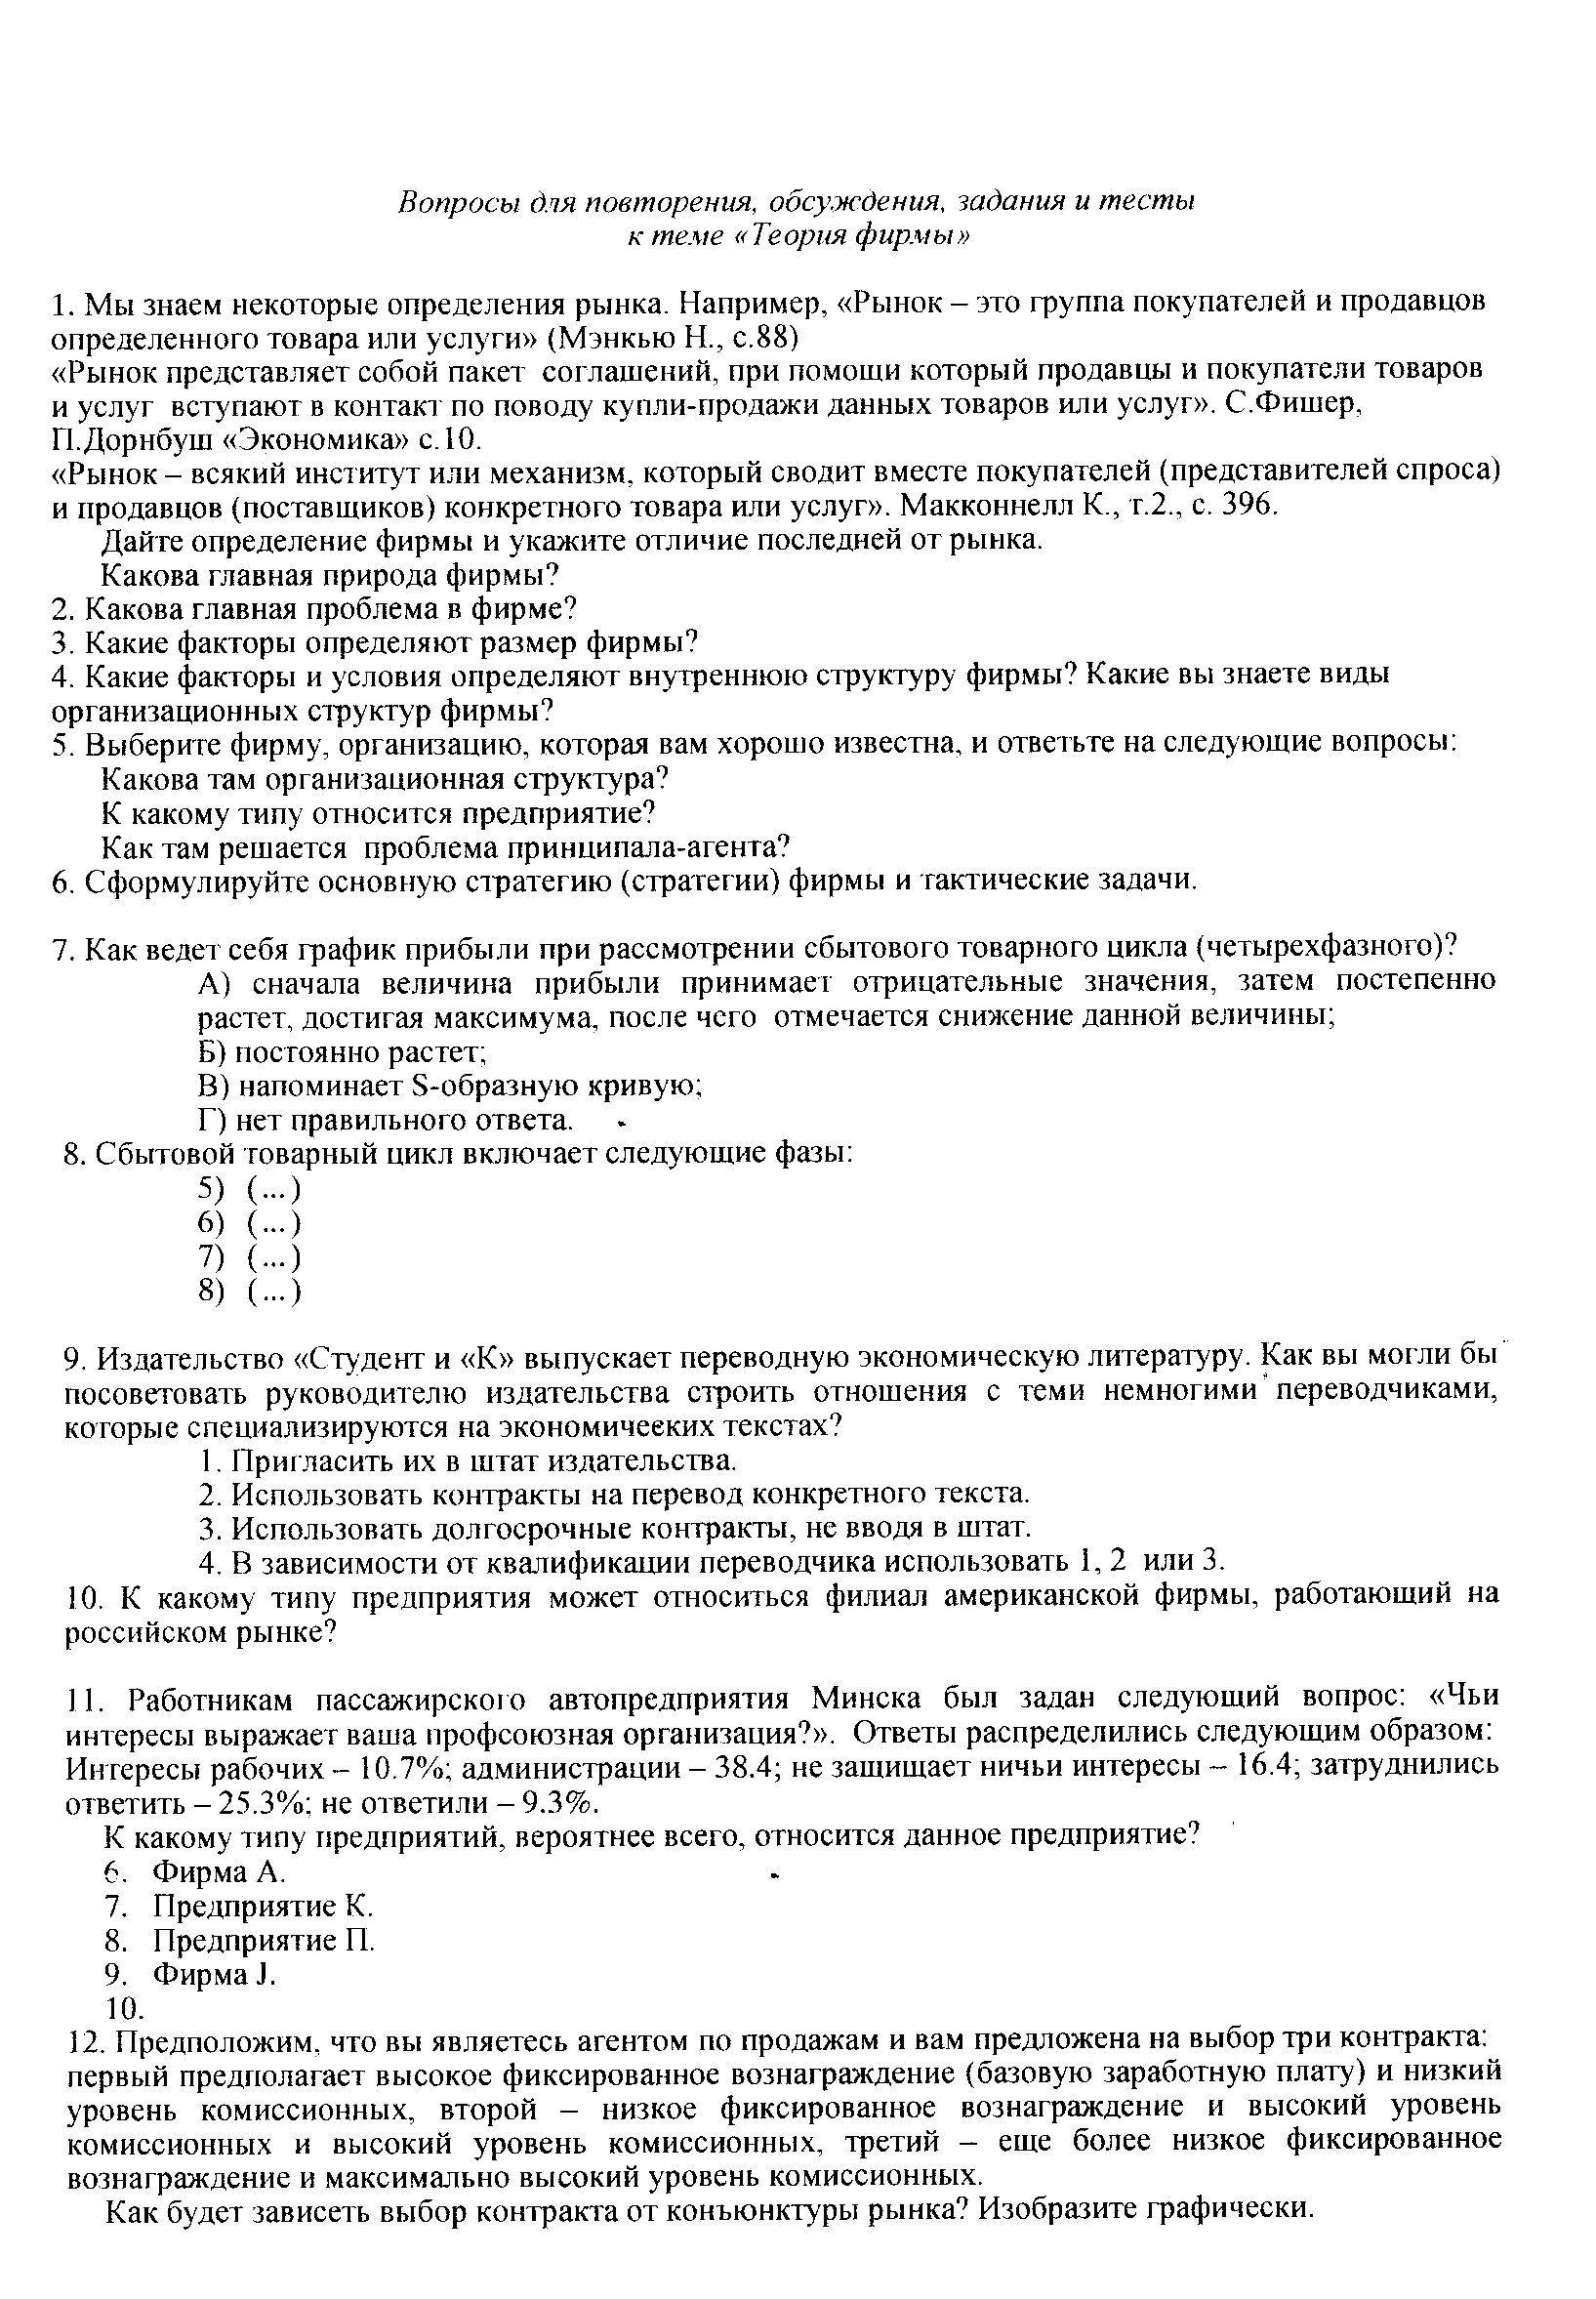 Административная контрольная работа по алгебре класс в форме гиа  Административная контрольная работа по алгебре 9 класс в форме гиа